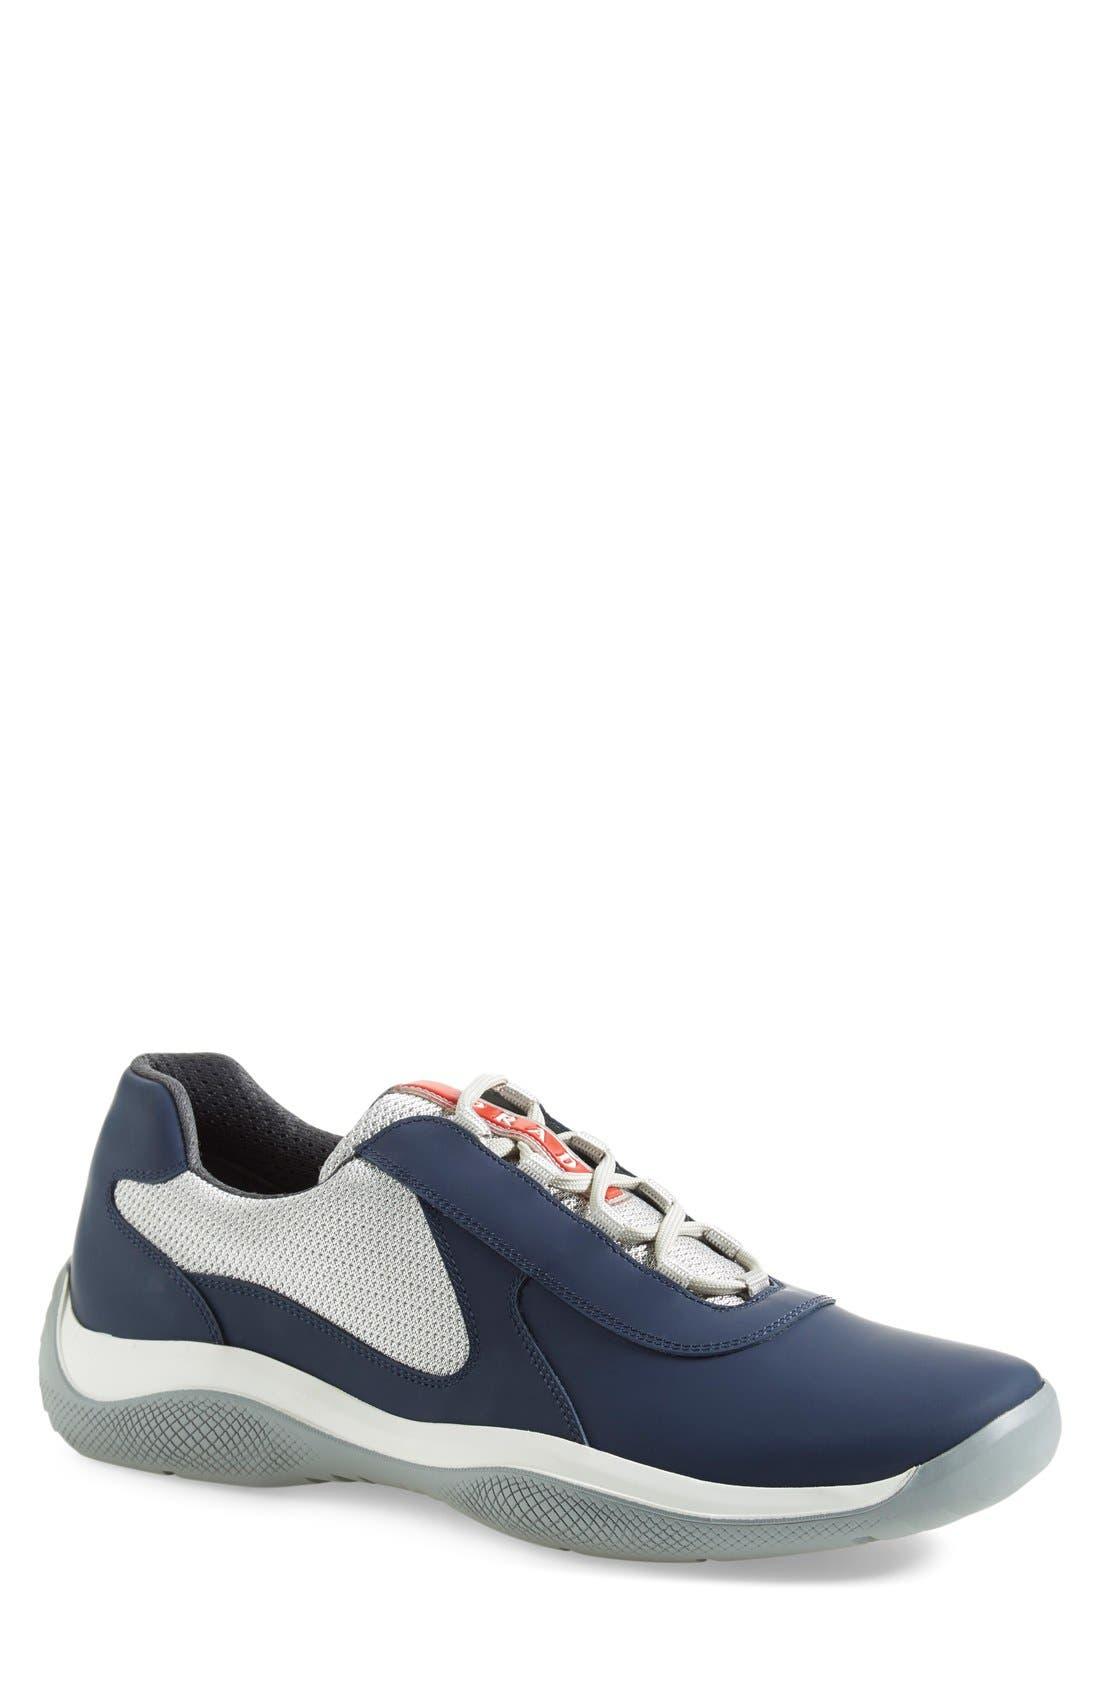 Main Image - Prada 'Punta Ala' Sneaker (Men)